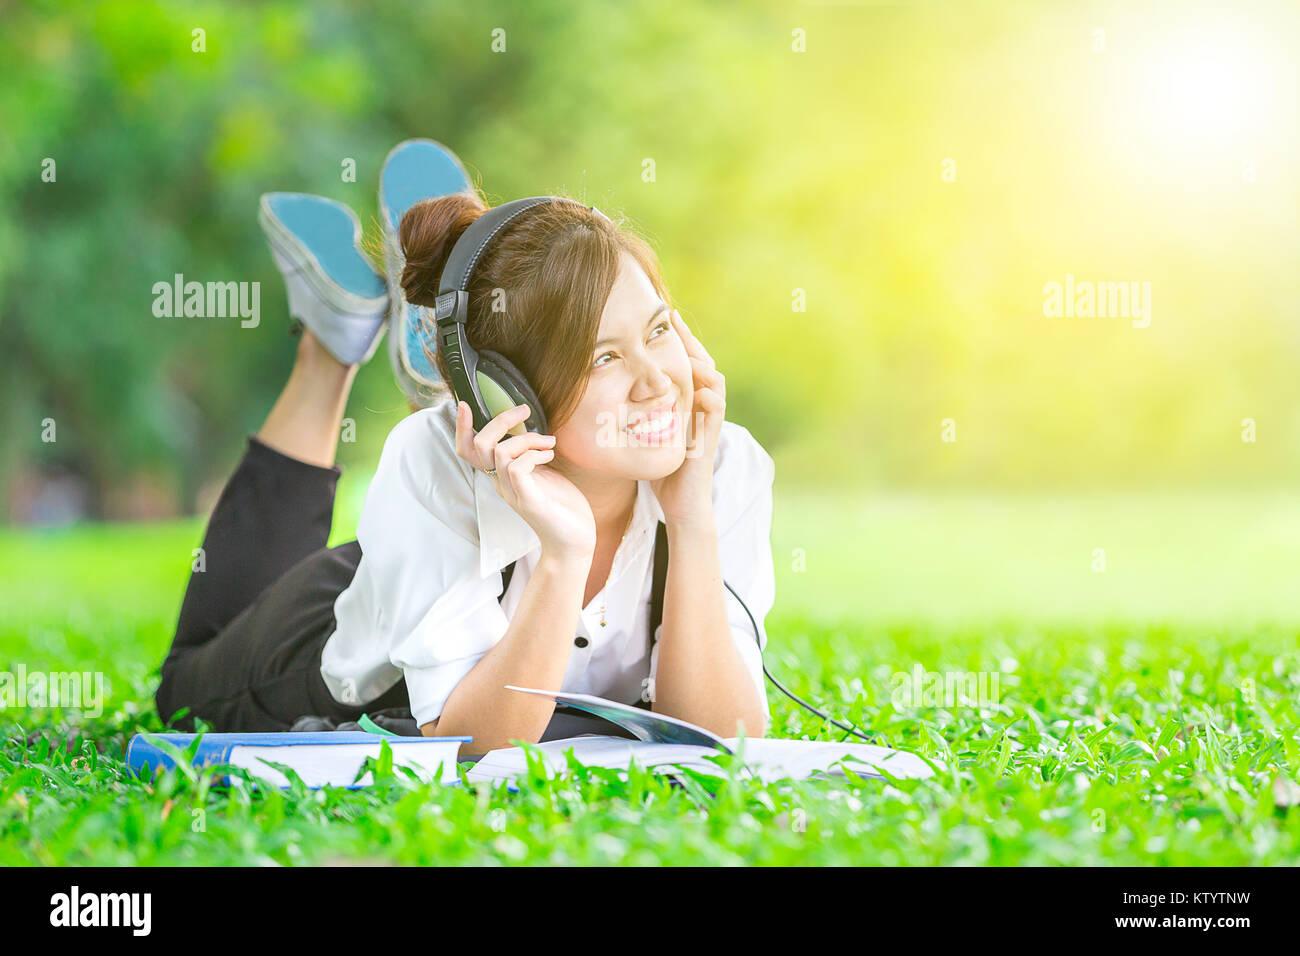 Estudiante Leer El Libro De Texto Y Escuchar Música Con